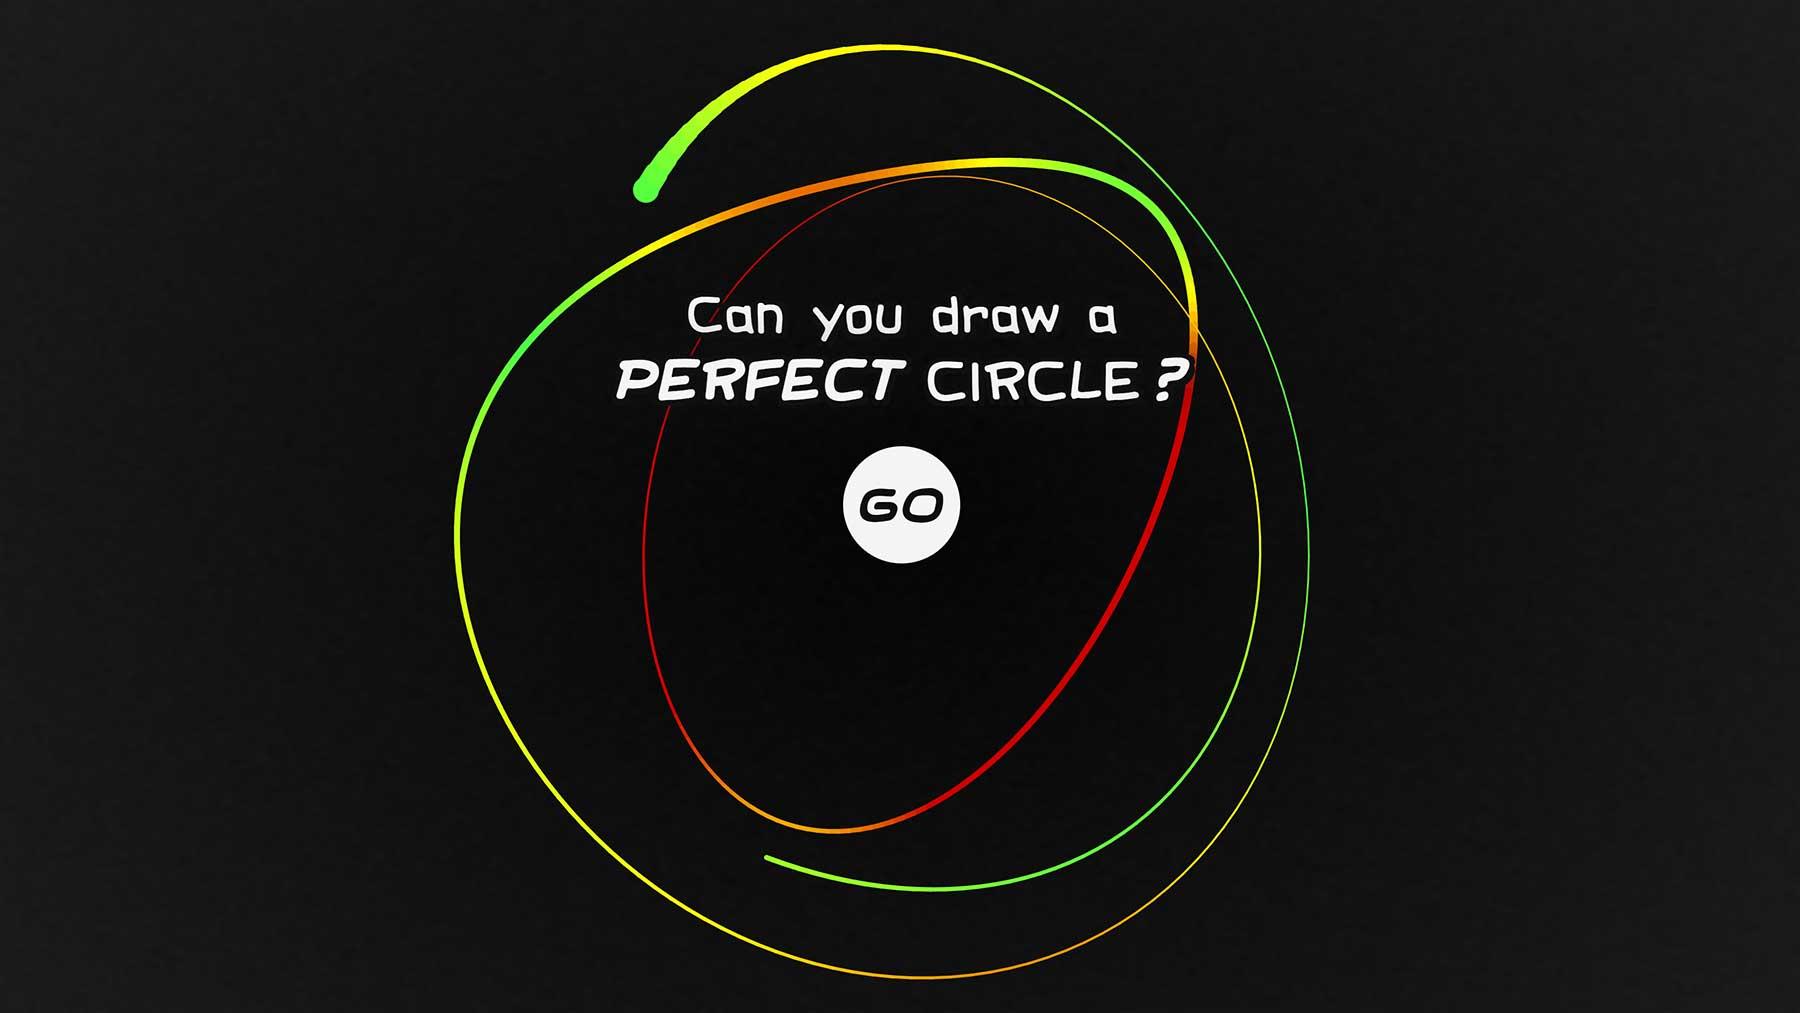 Kannst Du Einen Perfekten Kreis Zeichnen? mit Perfekt Zeichnen